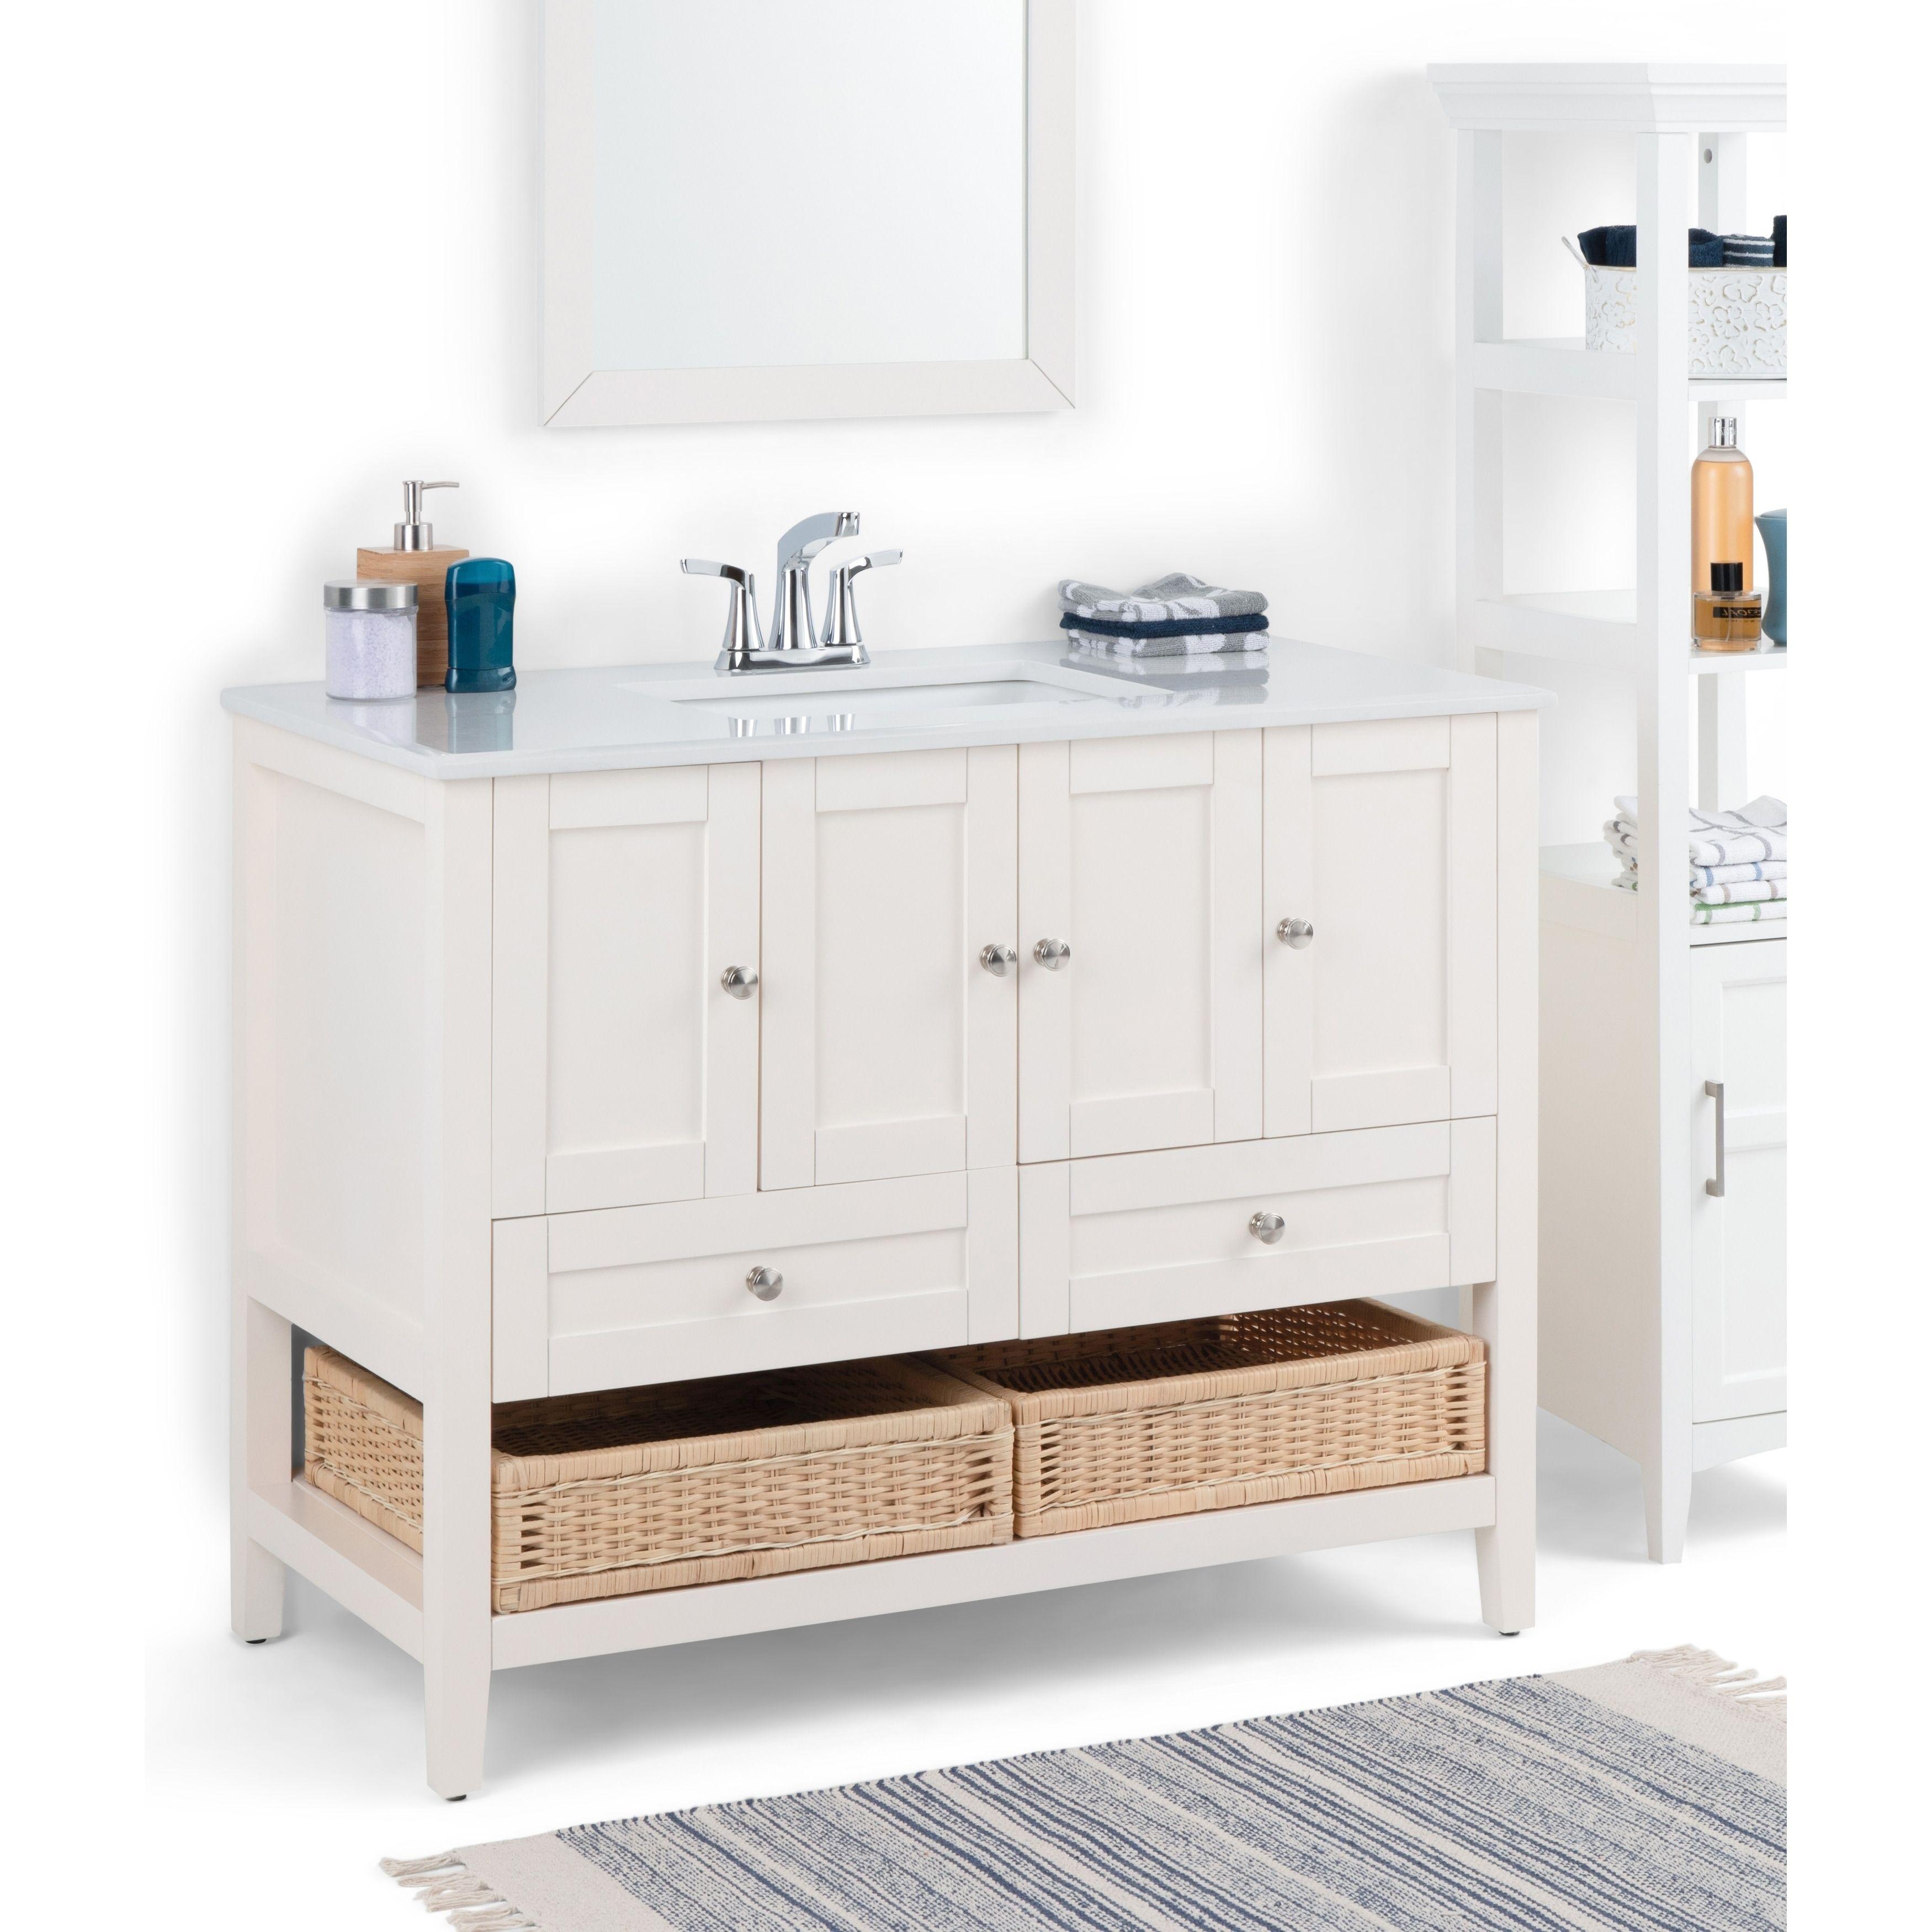 Wyndenhall Belmont 42 Inch Contemporary Bath Vanity In Soft White